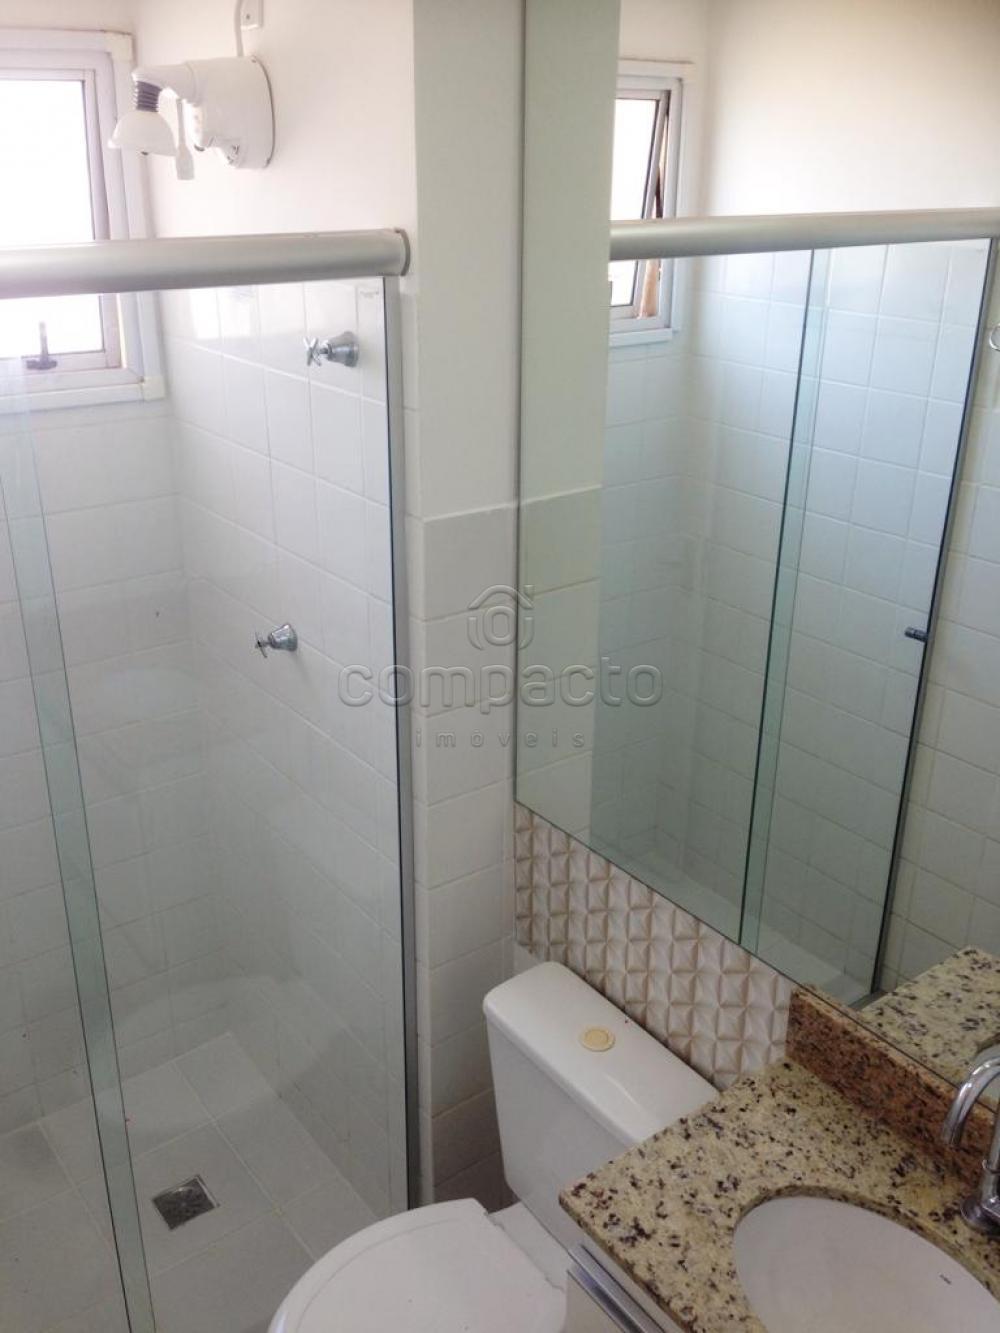 Comprar Apartamento / Padrão em São José do Rio Preto apenas R$ 240.000,00 - Foto 16